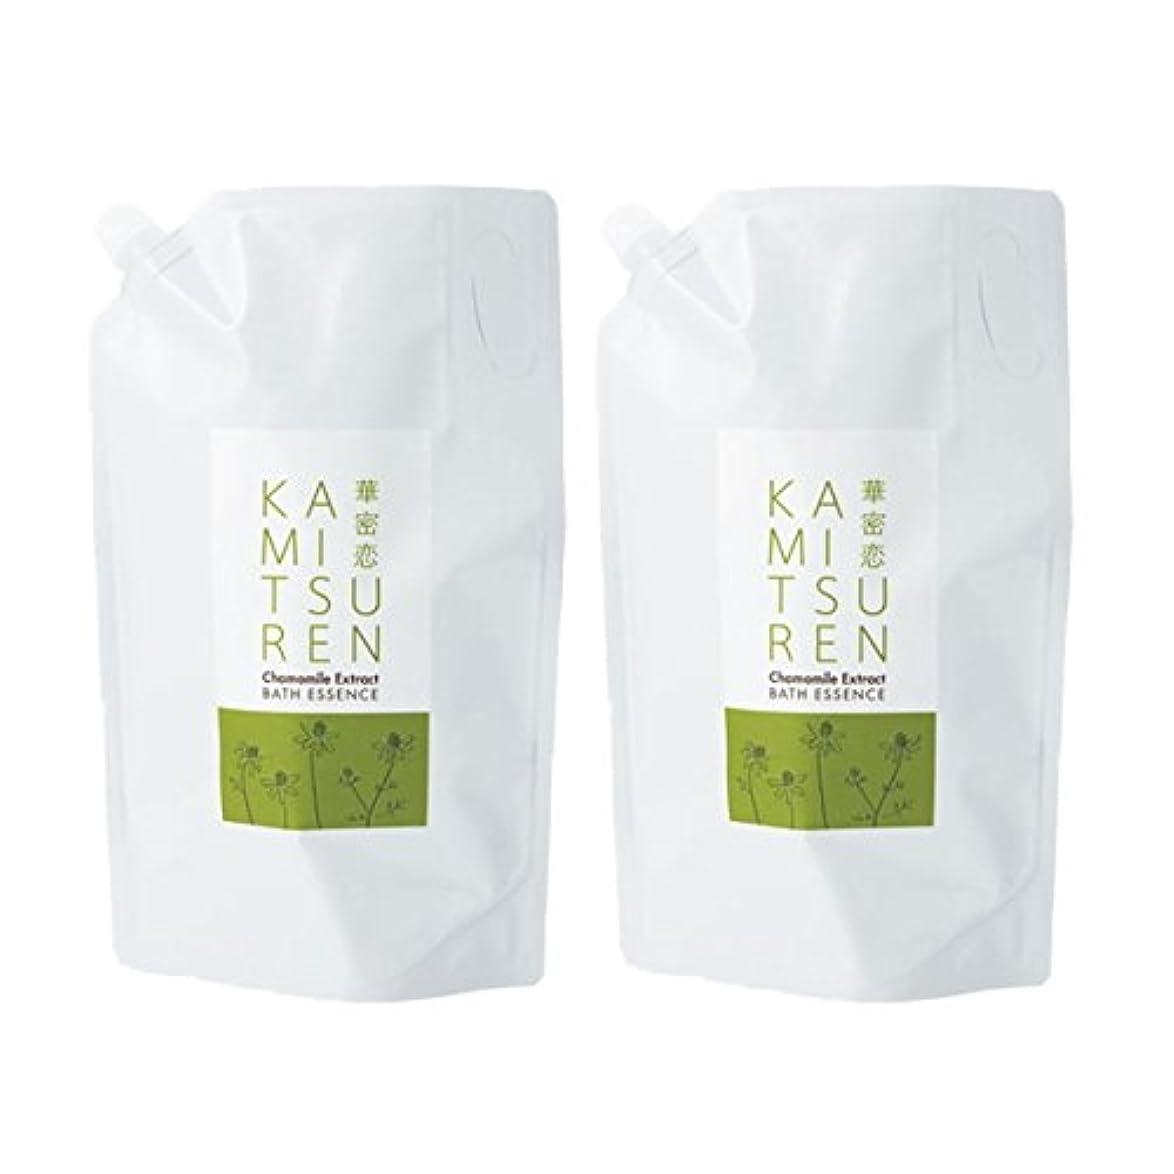 化合物チャネルファン華密恋 薬用入浴剤 特大 詰替え用 (新パッケージ) 1500mL(1.5L)×2袋セット